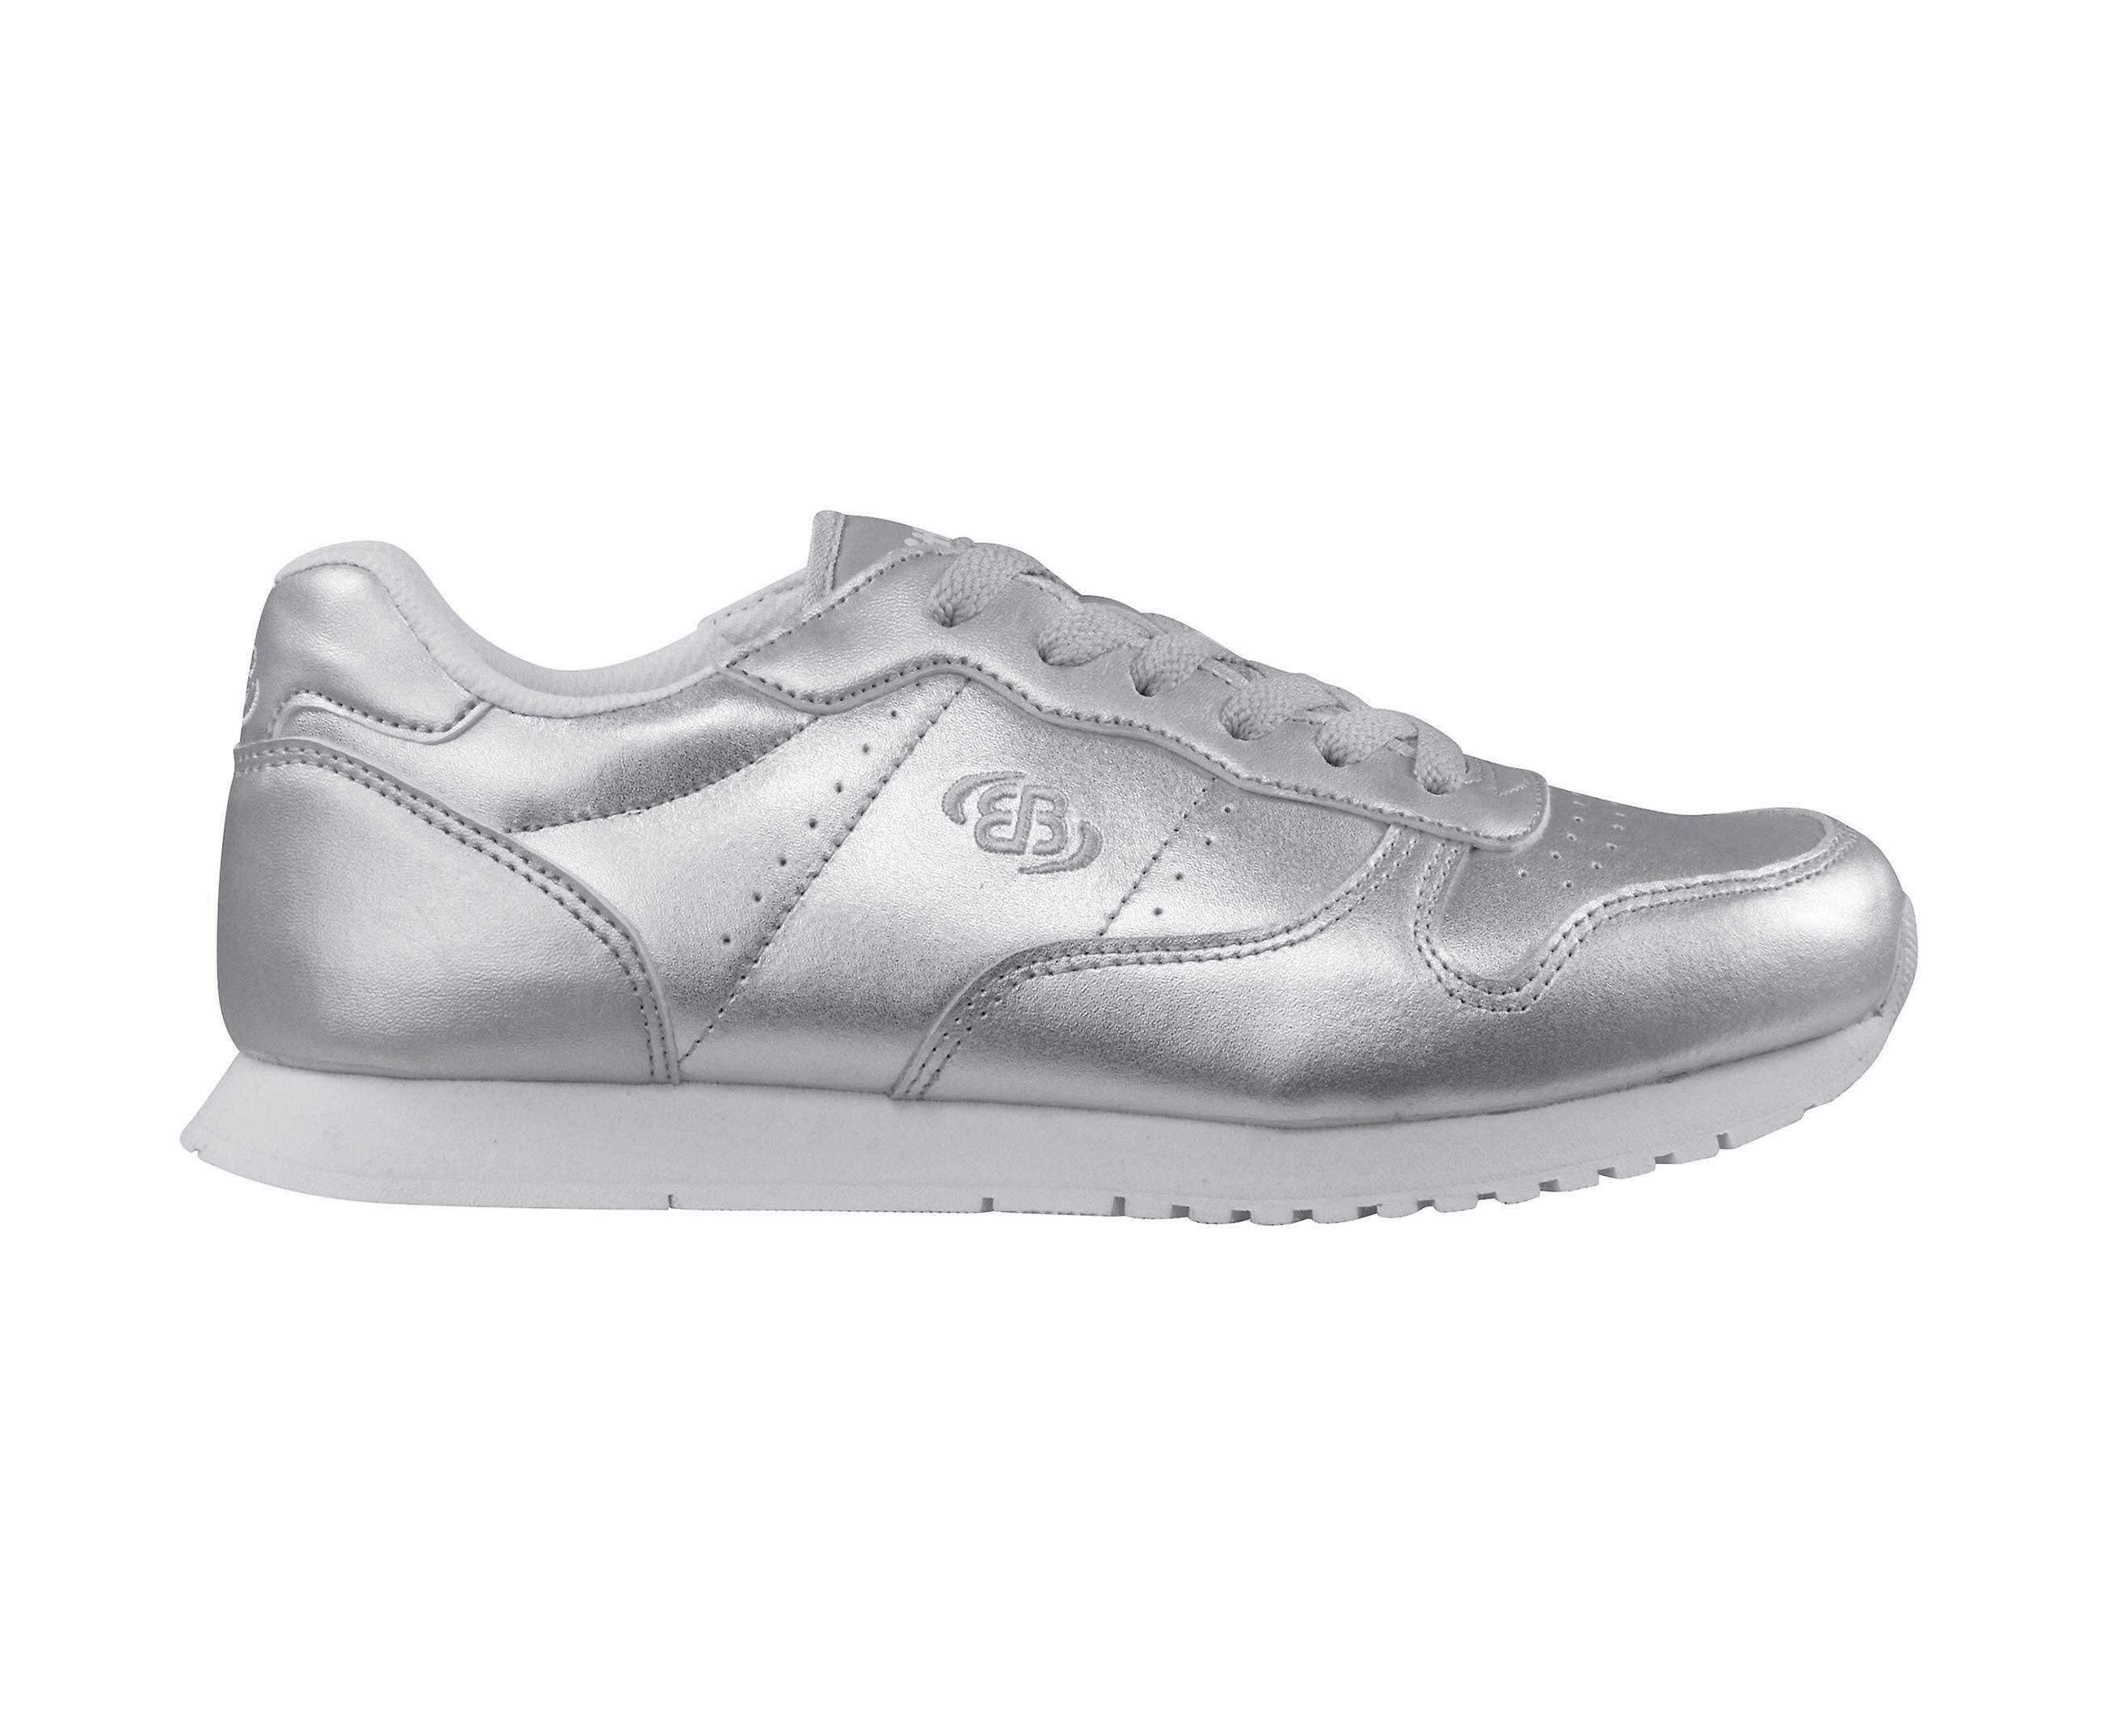 BRÜTTING Sportschuh Diamond Classic silber Klettschuh online kaufen  silberfarben